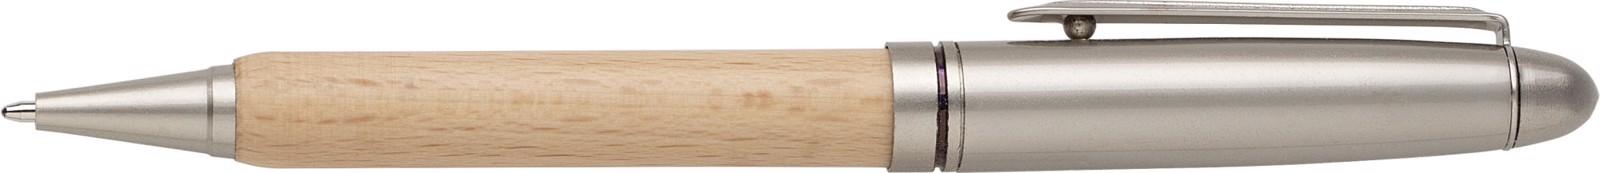 Beech wood ballpen